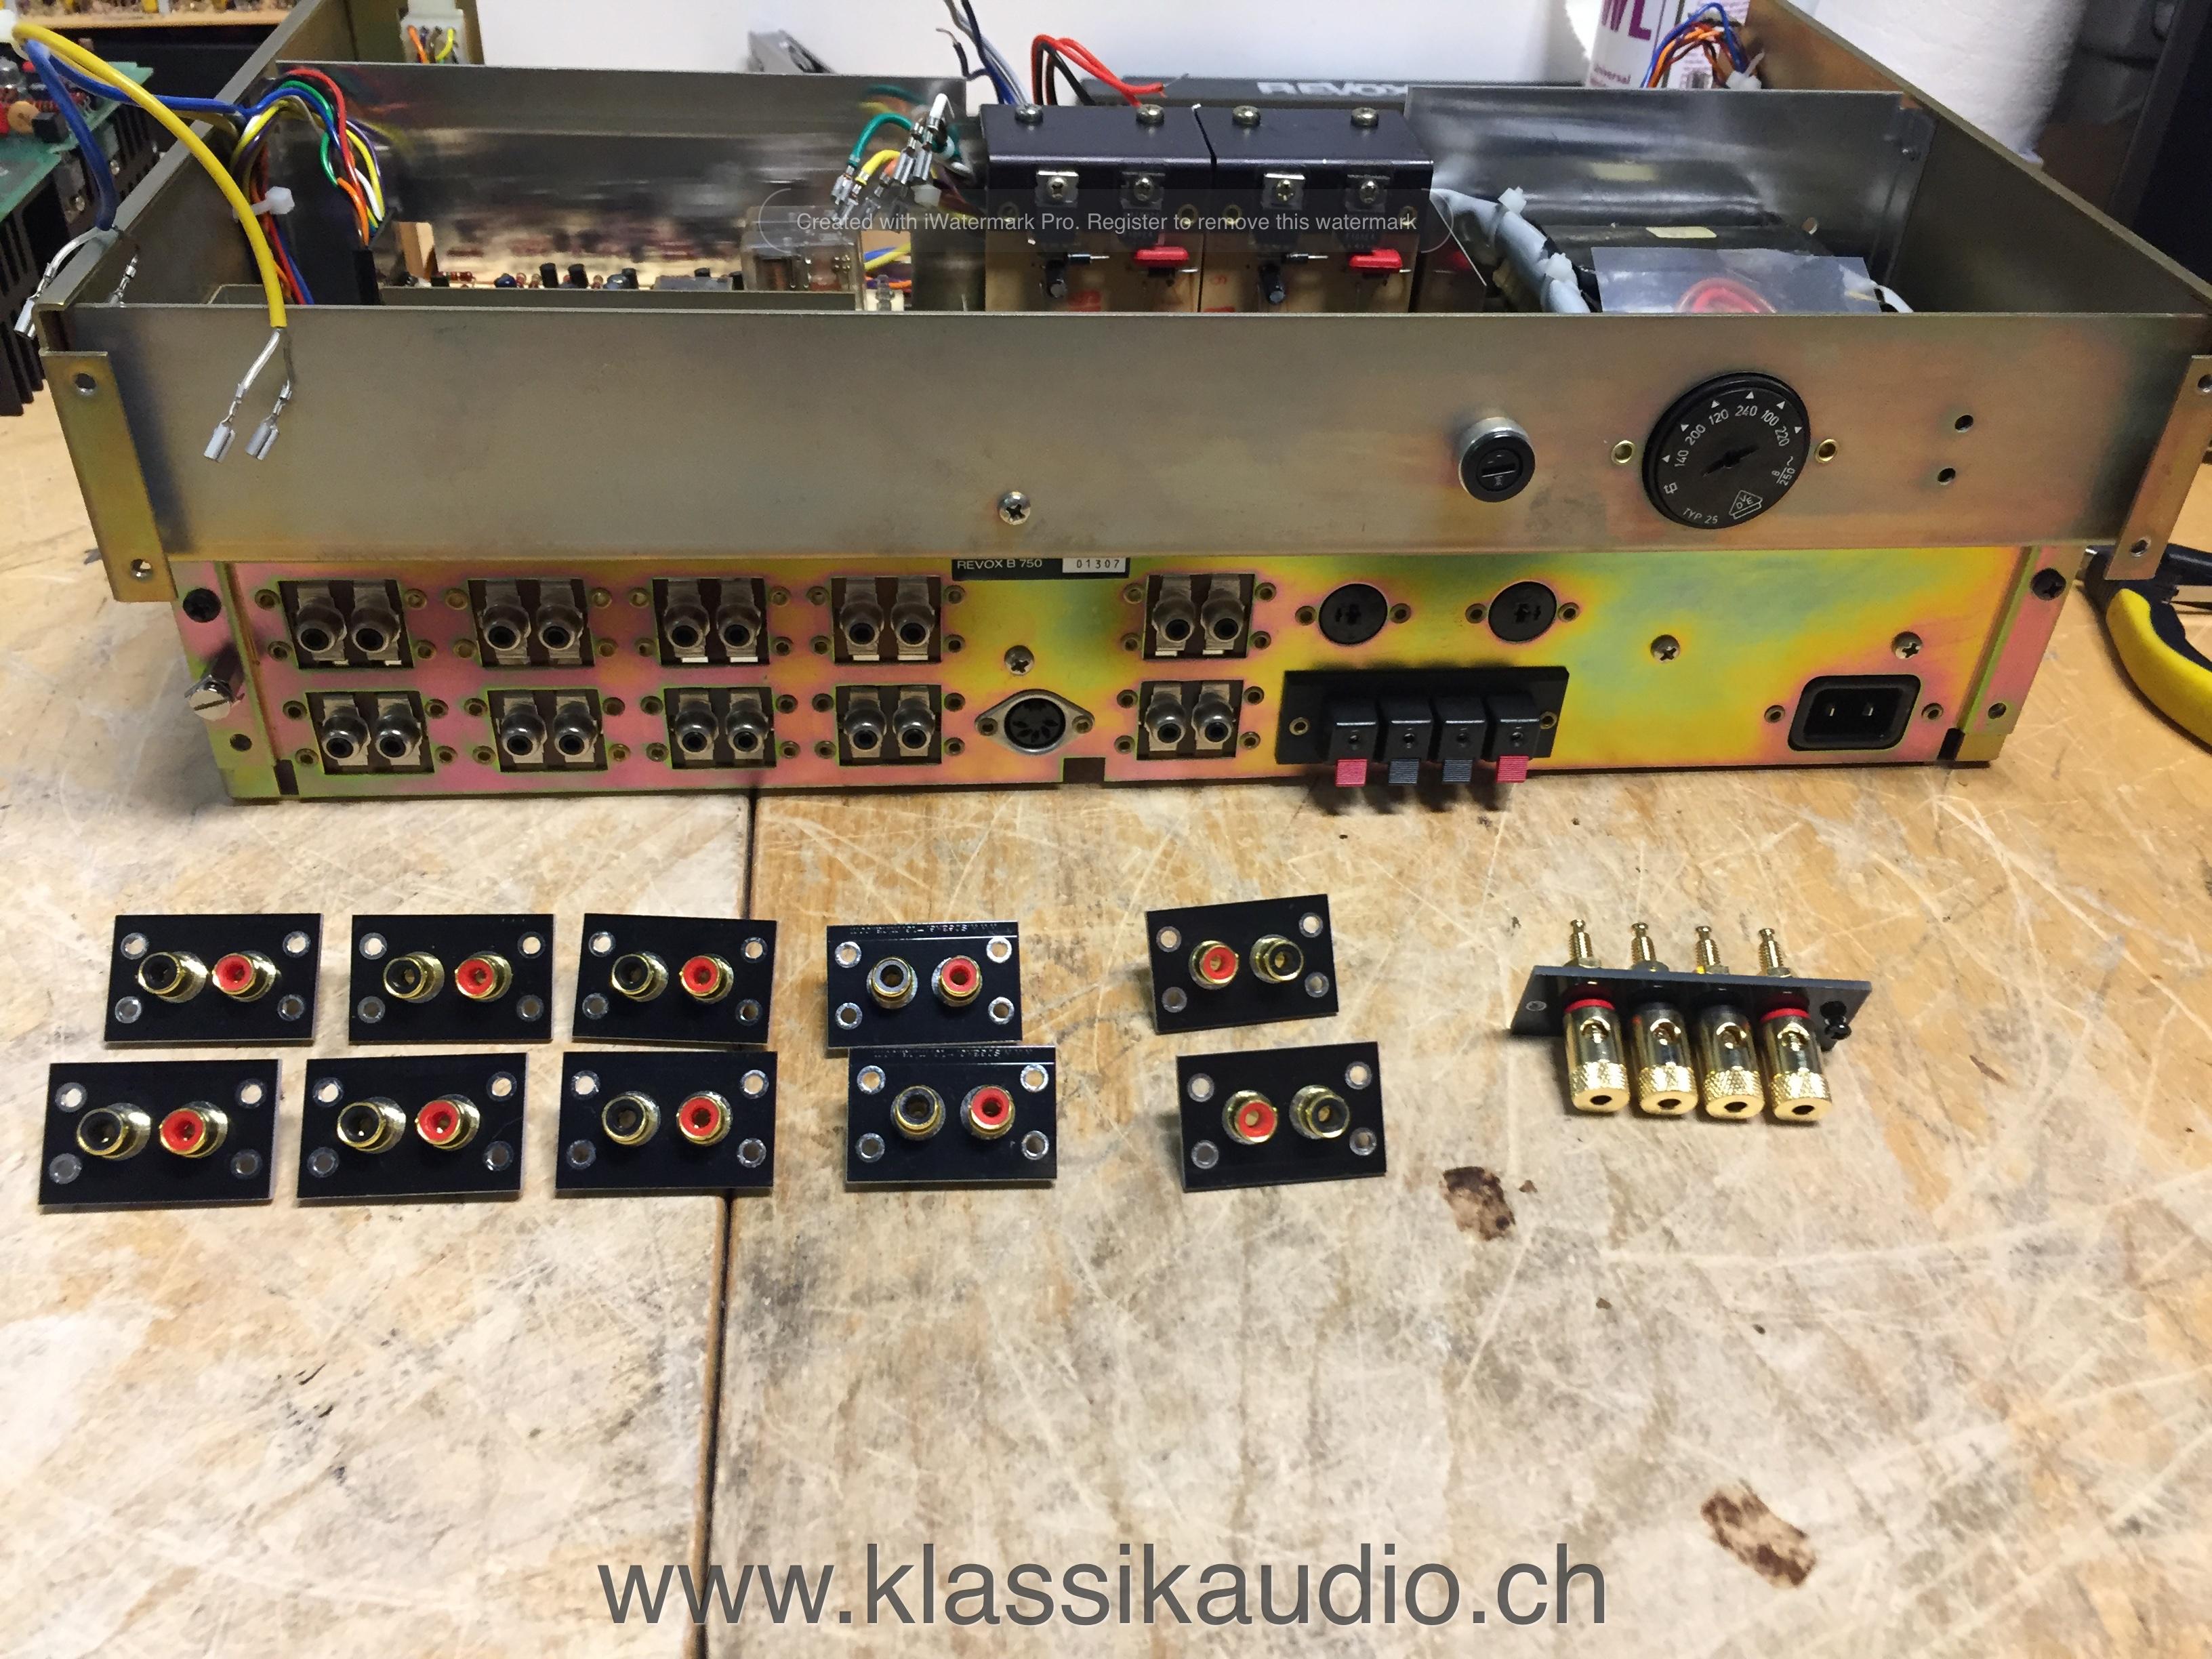 Revox b750 mkii service manual download